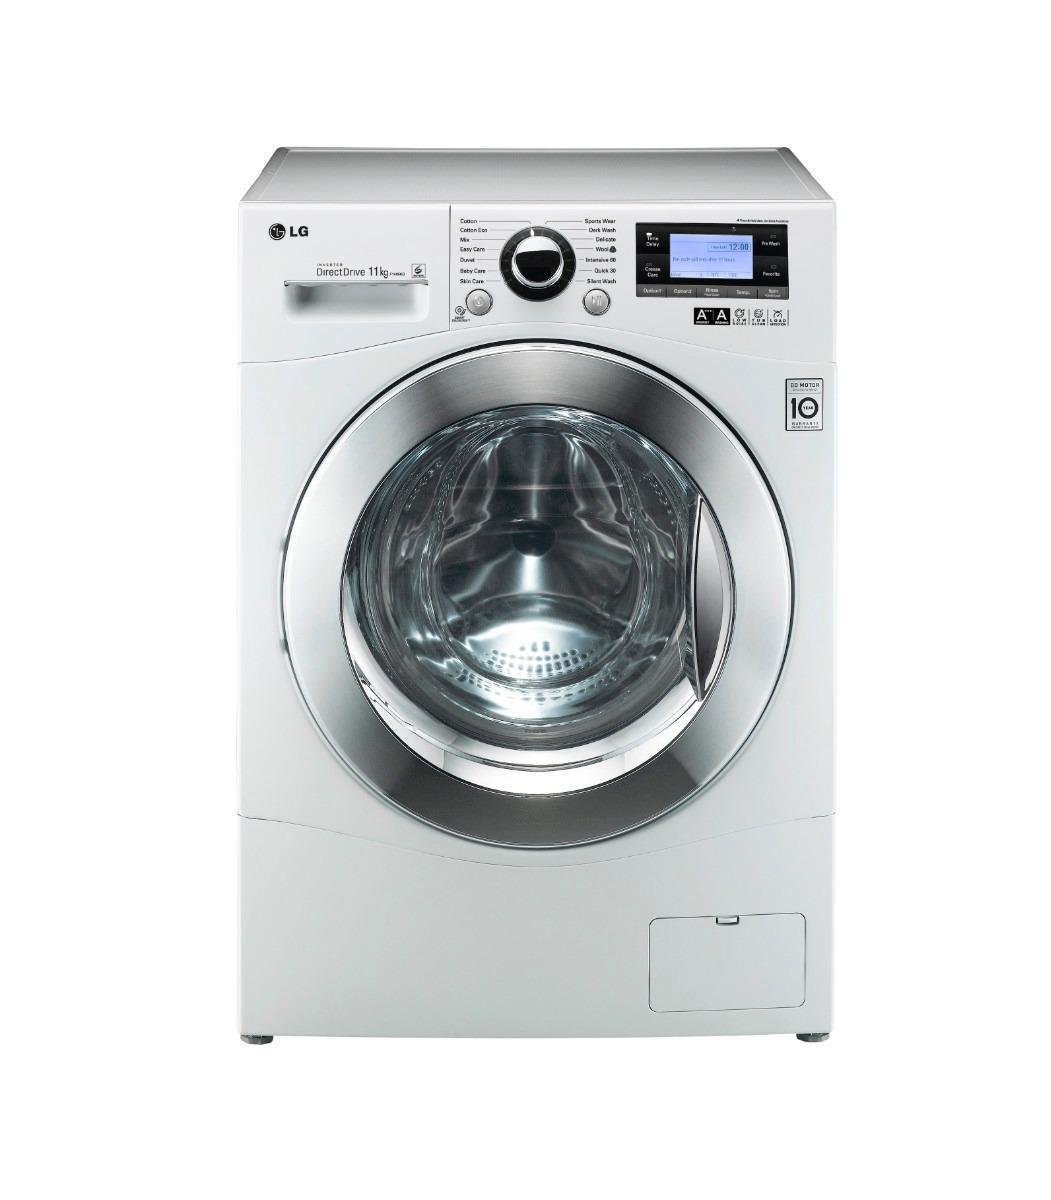 Samsung acusa a LG de sabotear sus lavadoras en IFA 2014